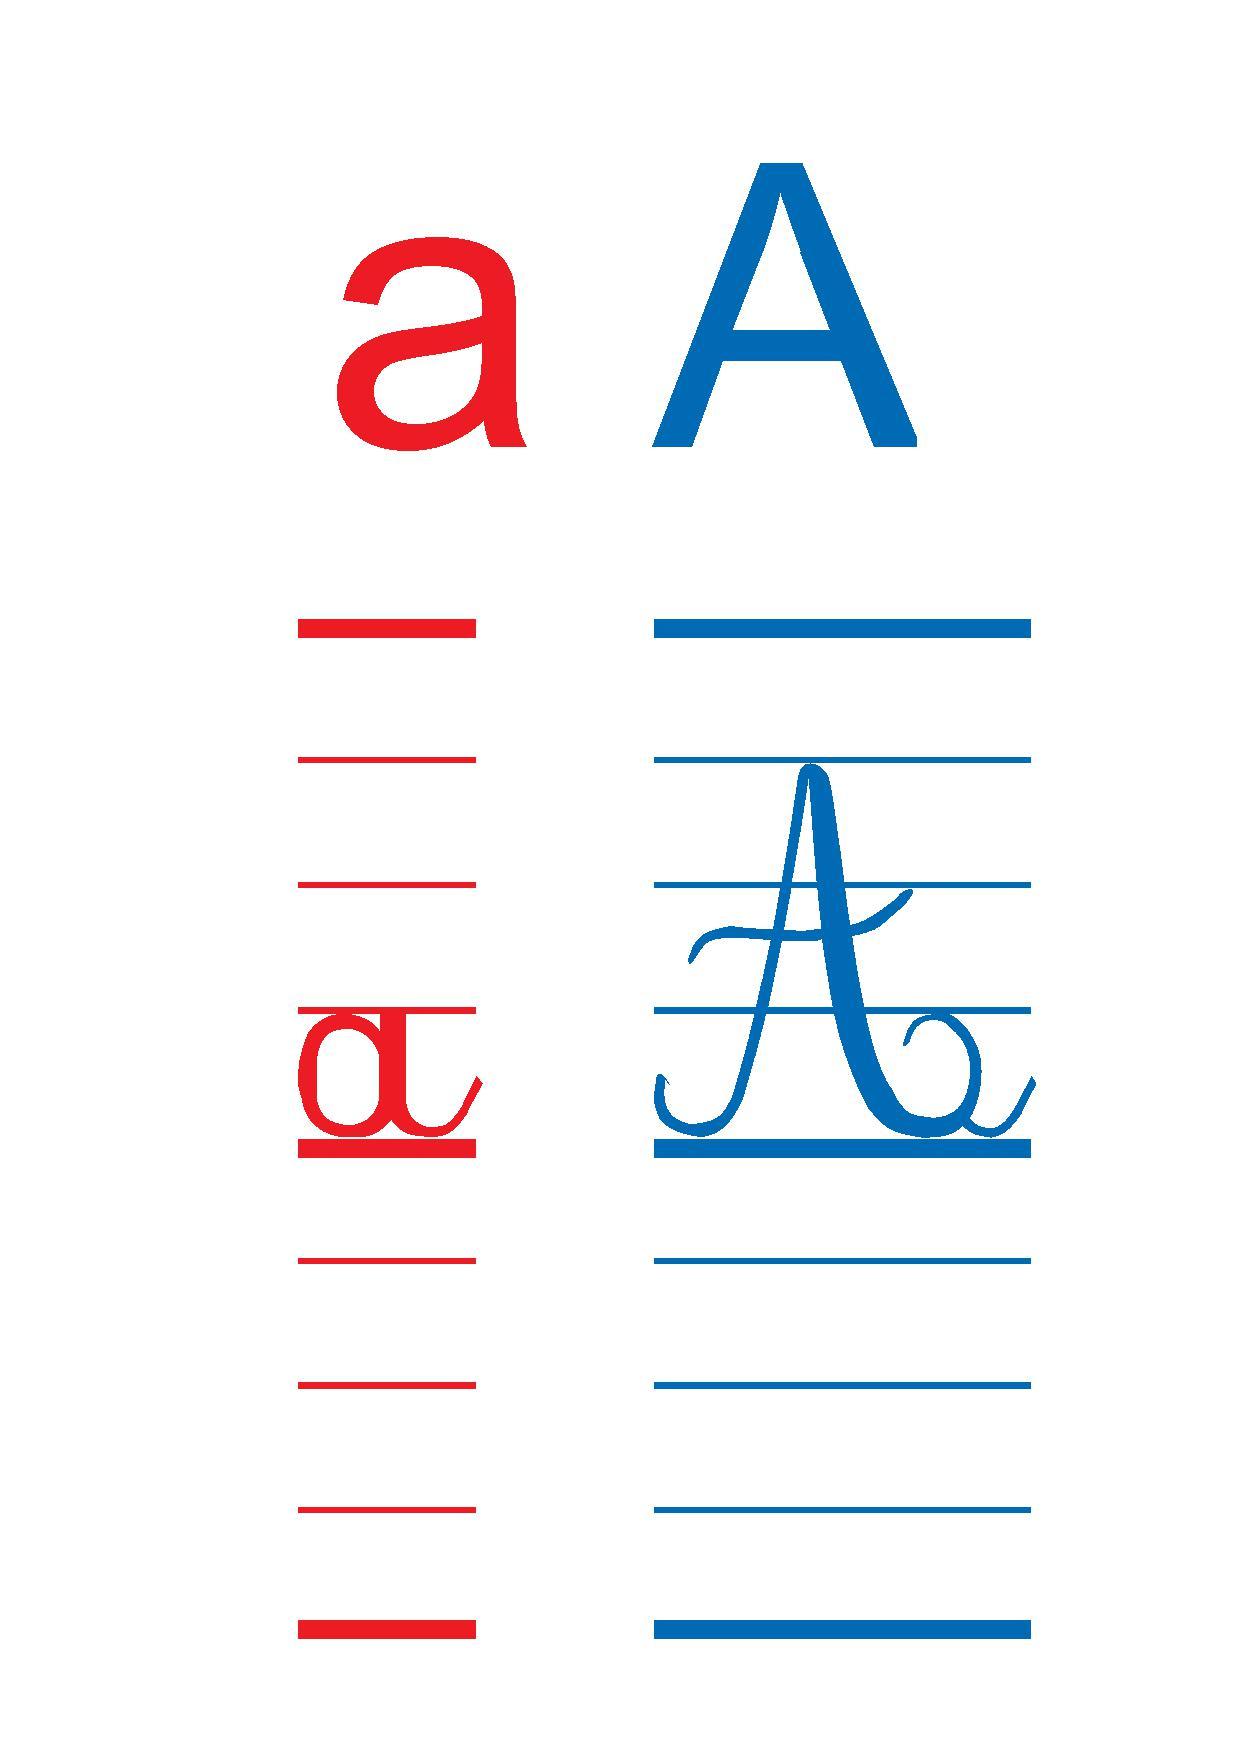 Affiches Des Lettres De L'alphabet Cp,ce1, Les Lettres En concernant Modele Alphabet Majuscule